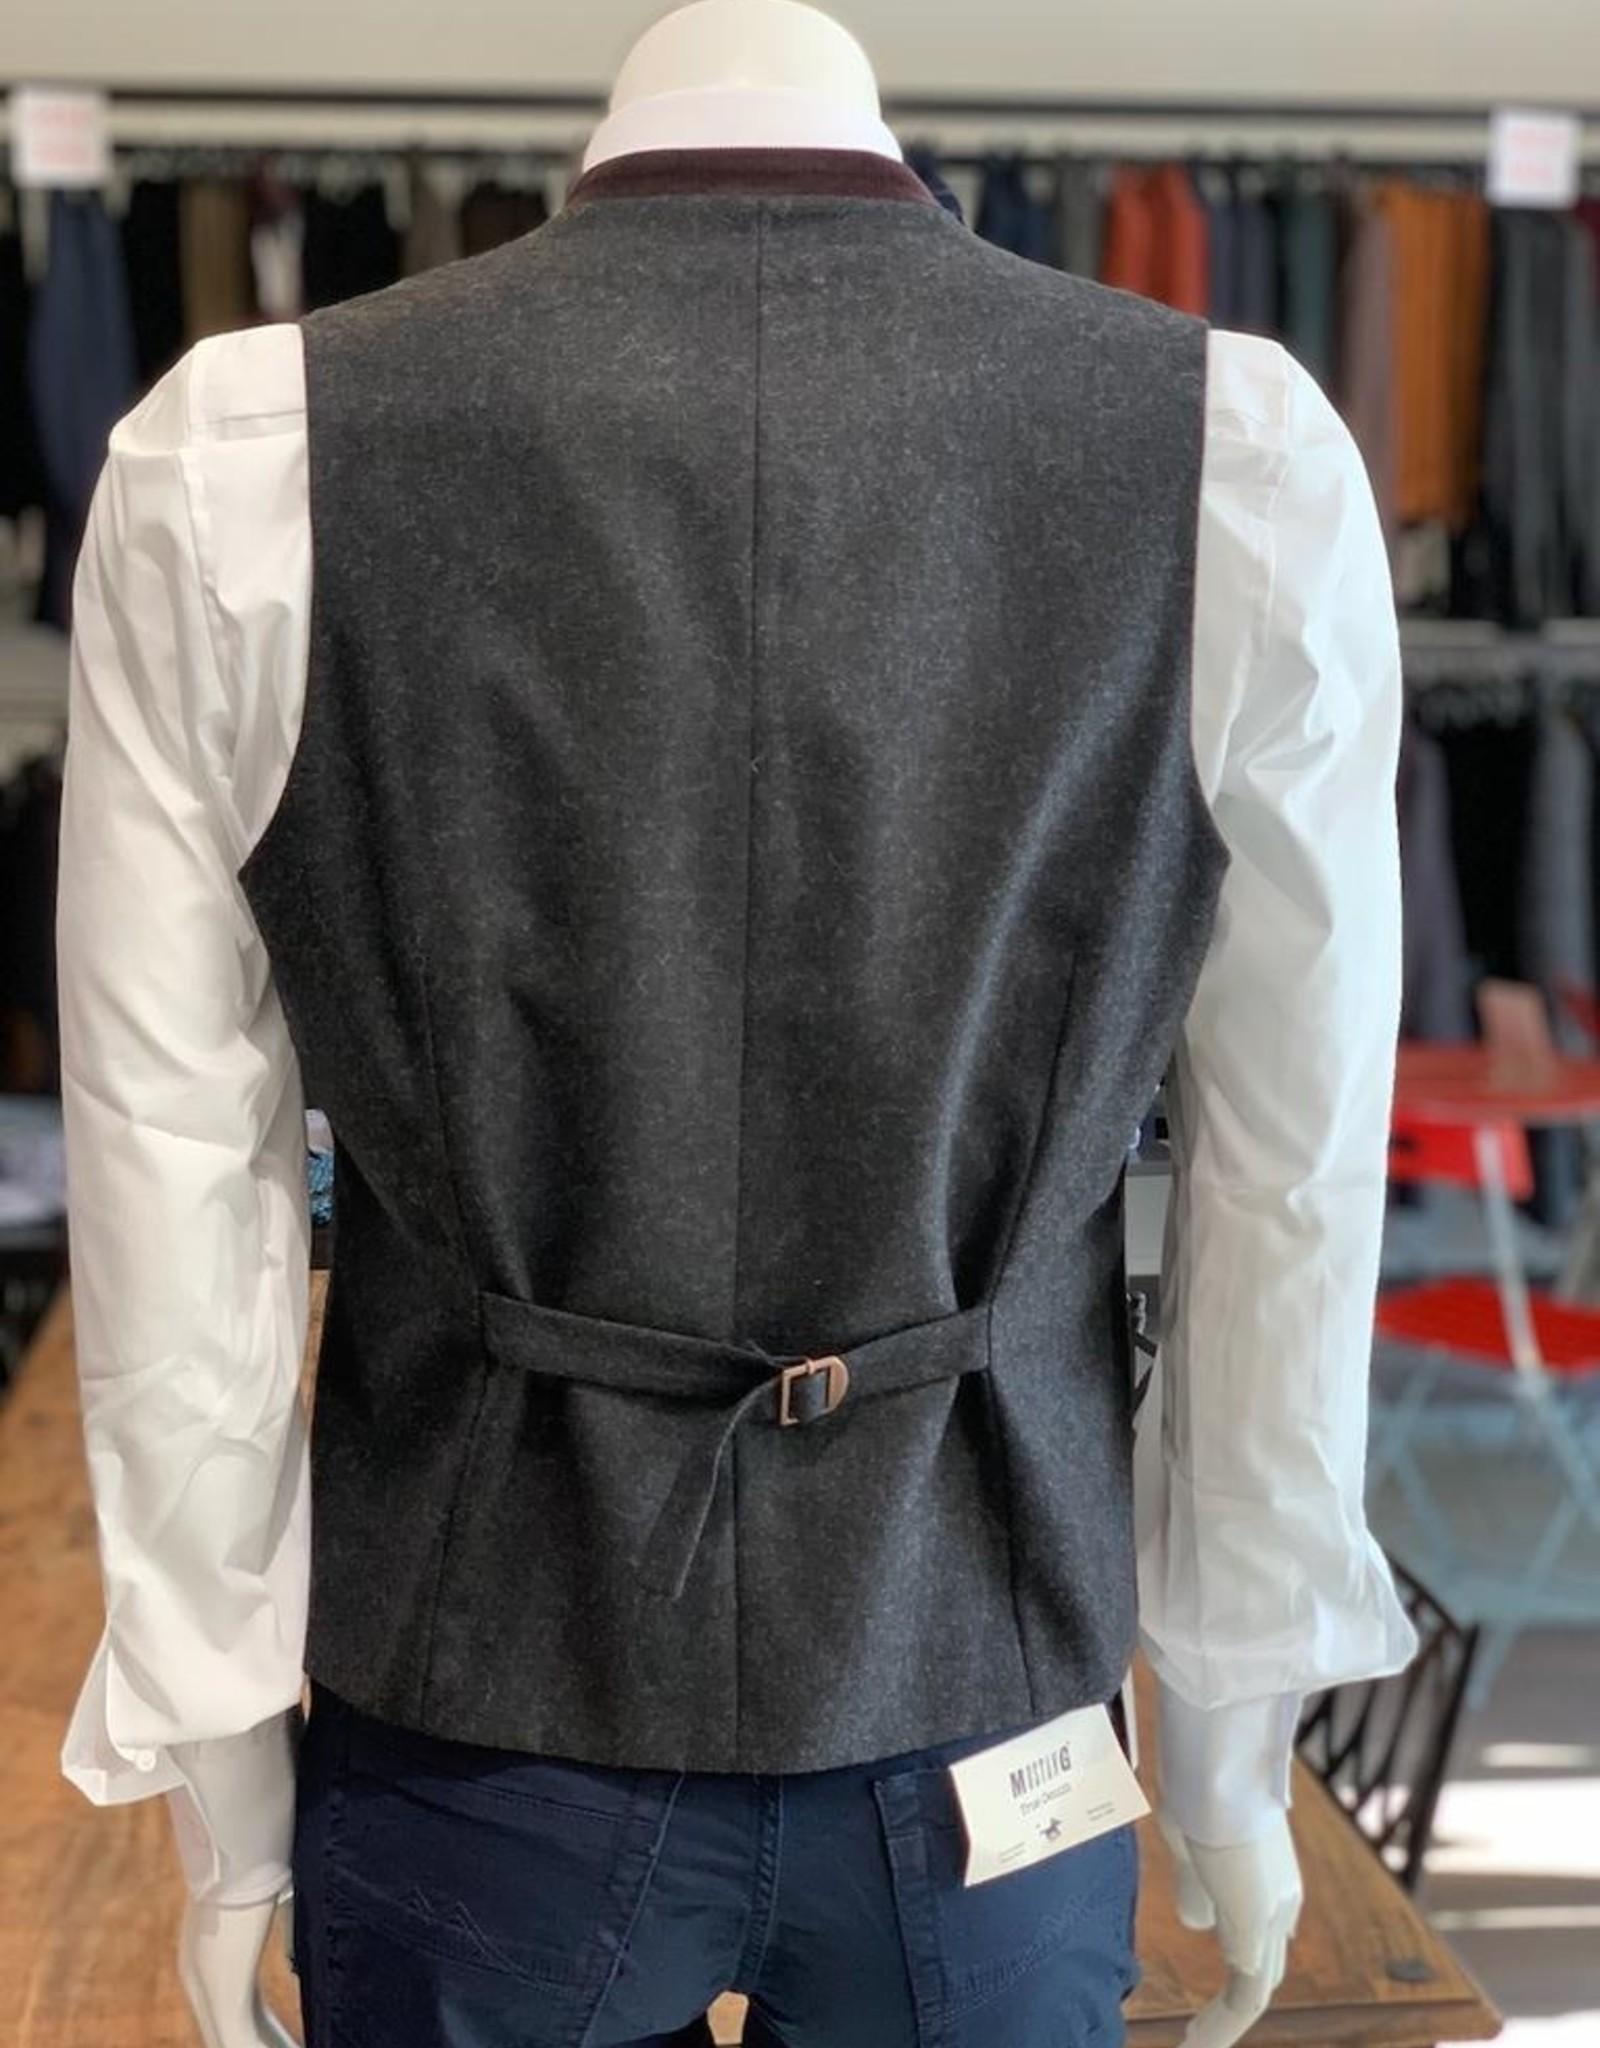 Atelier Torino Atelier Torino Weste Alder Loden mit Cord Versatz